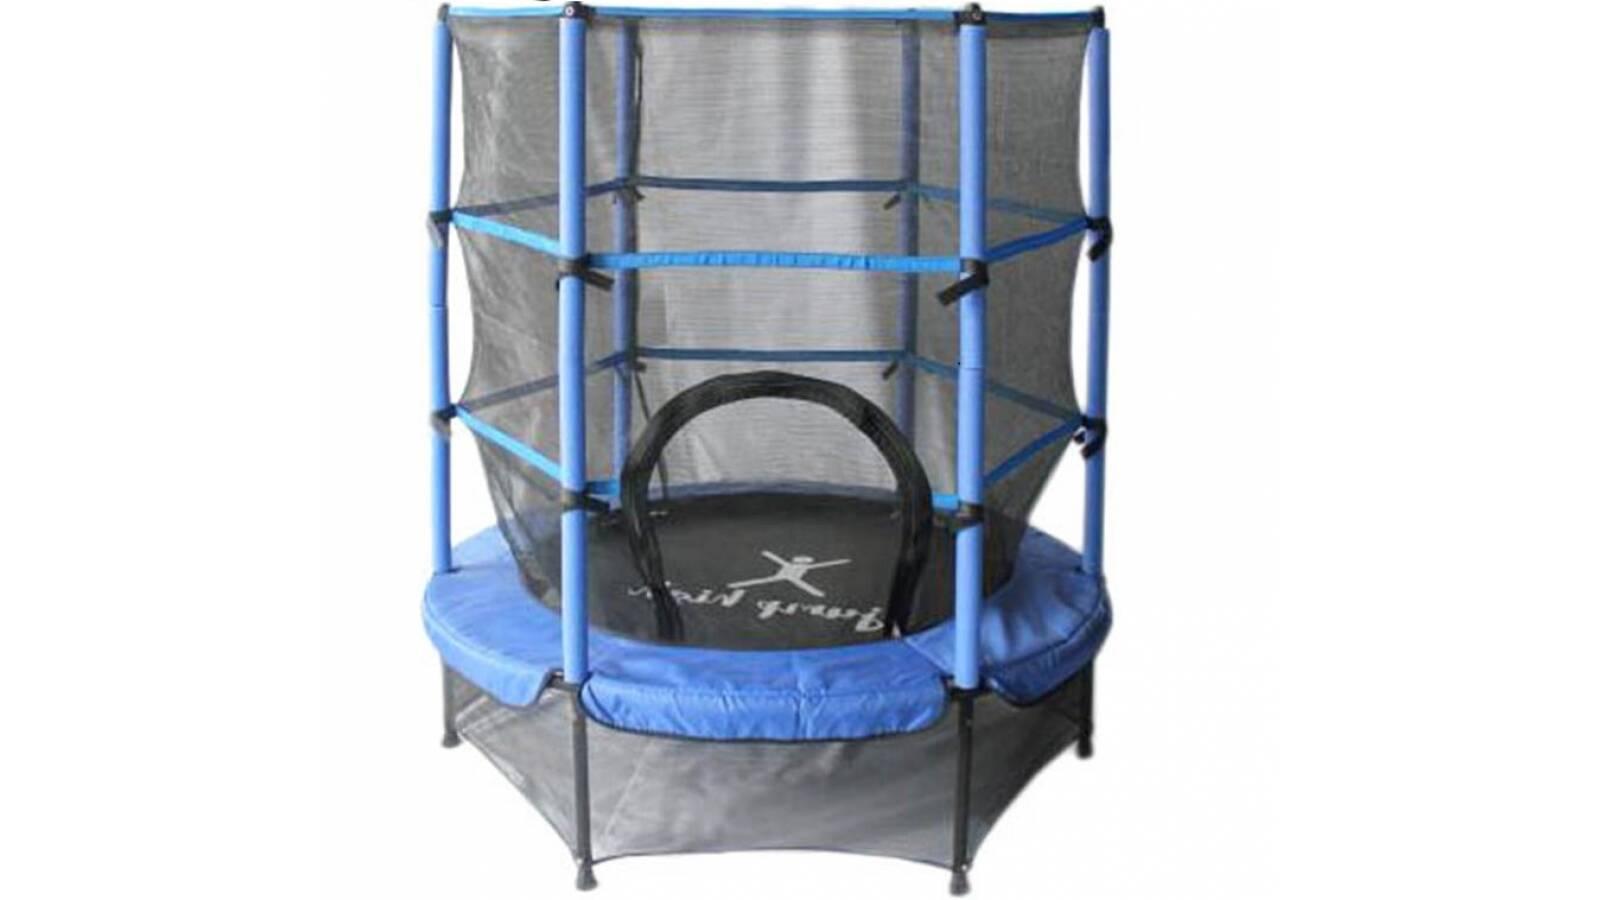 Cama Elastica Con Red de Seguridad 1,40 m - trampolin